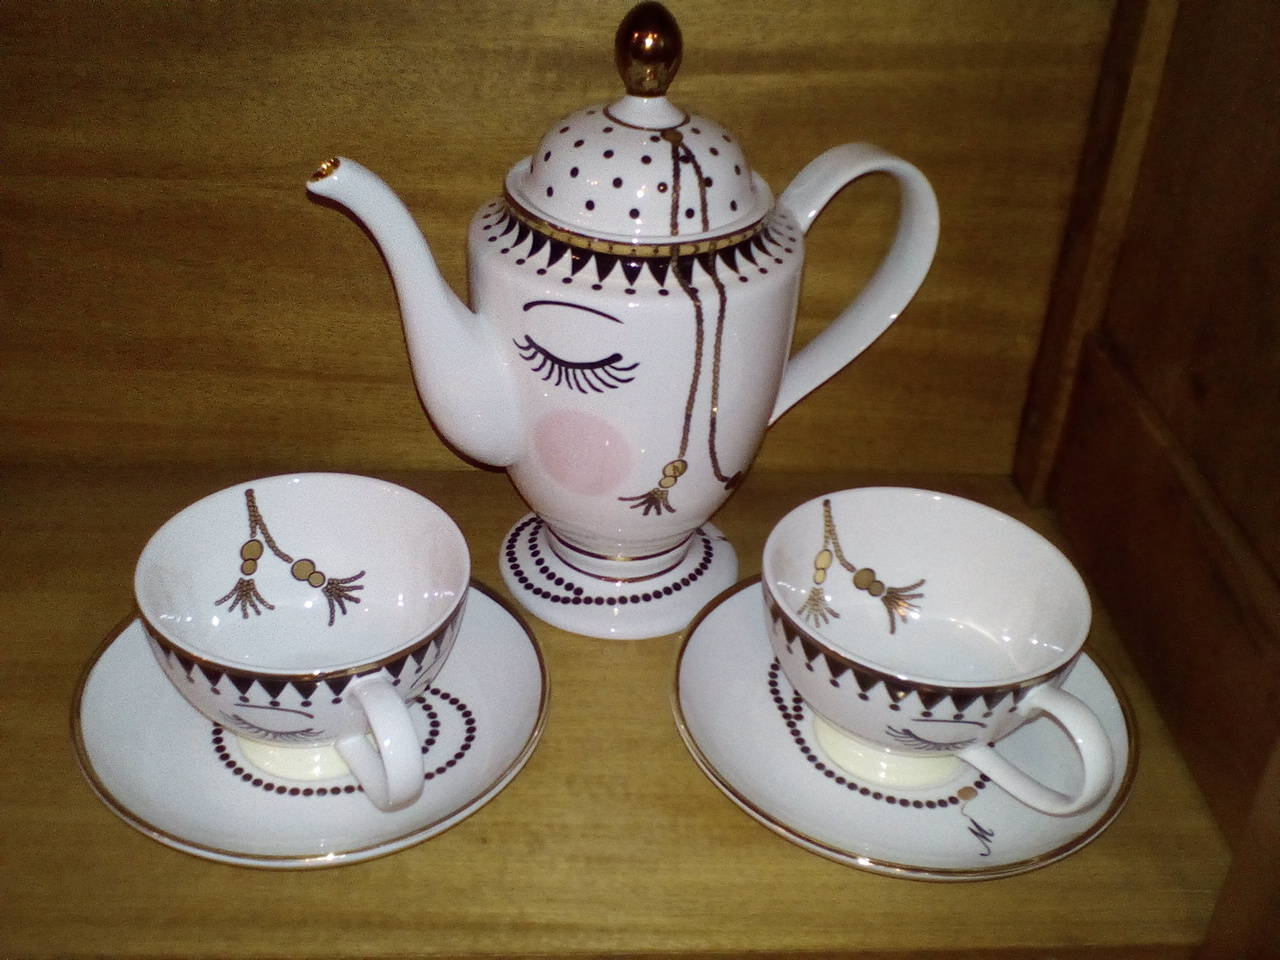 Juego de Té Miss Etoile (porcelana fina danesa vintage)